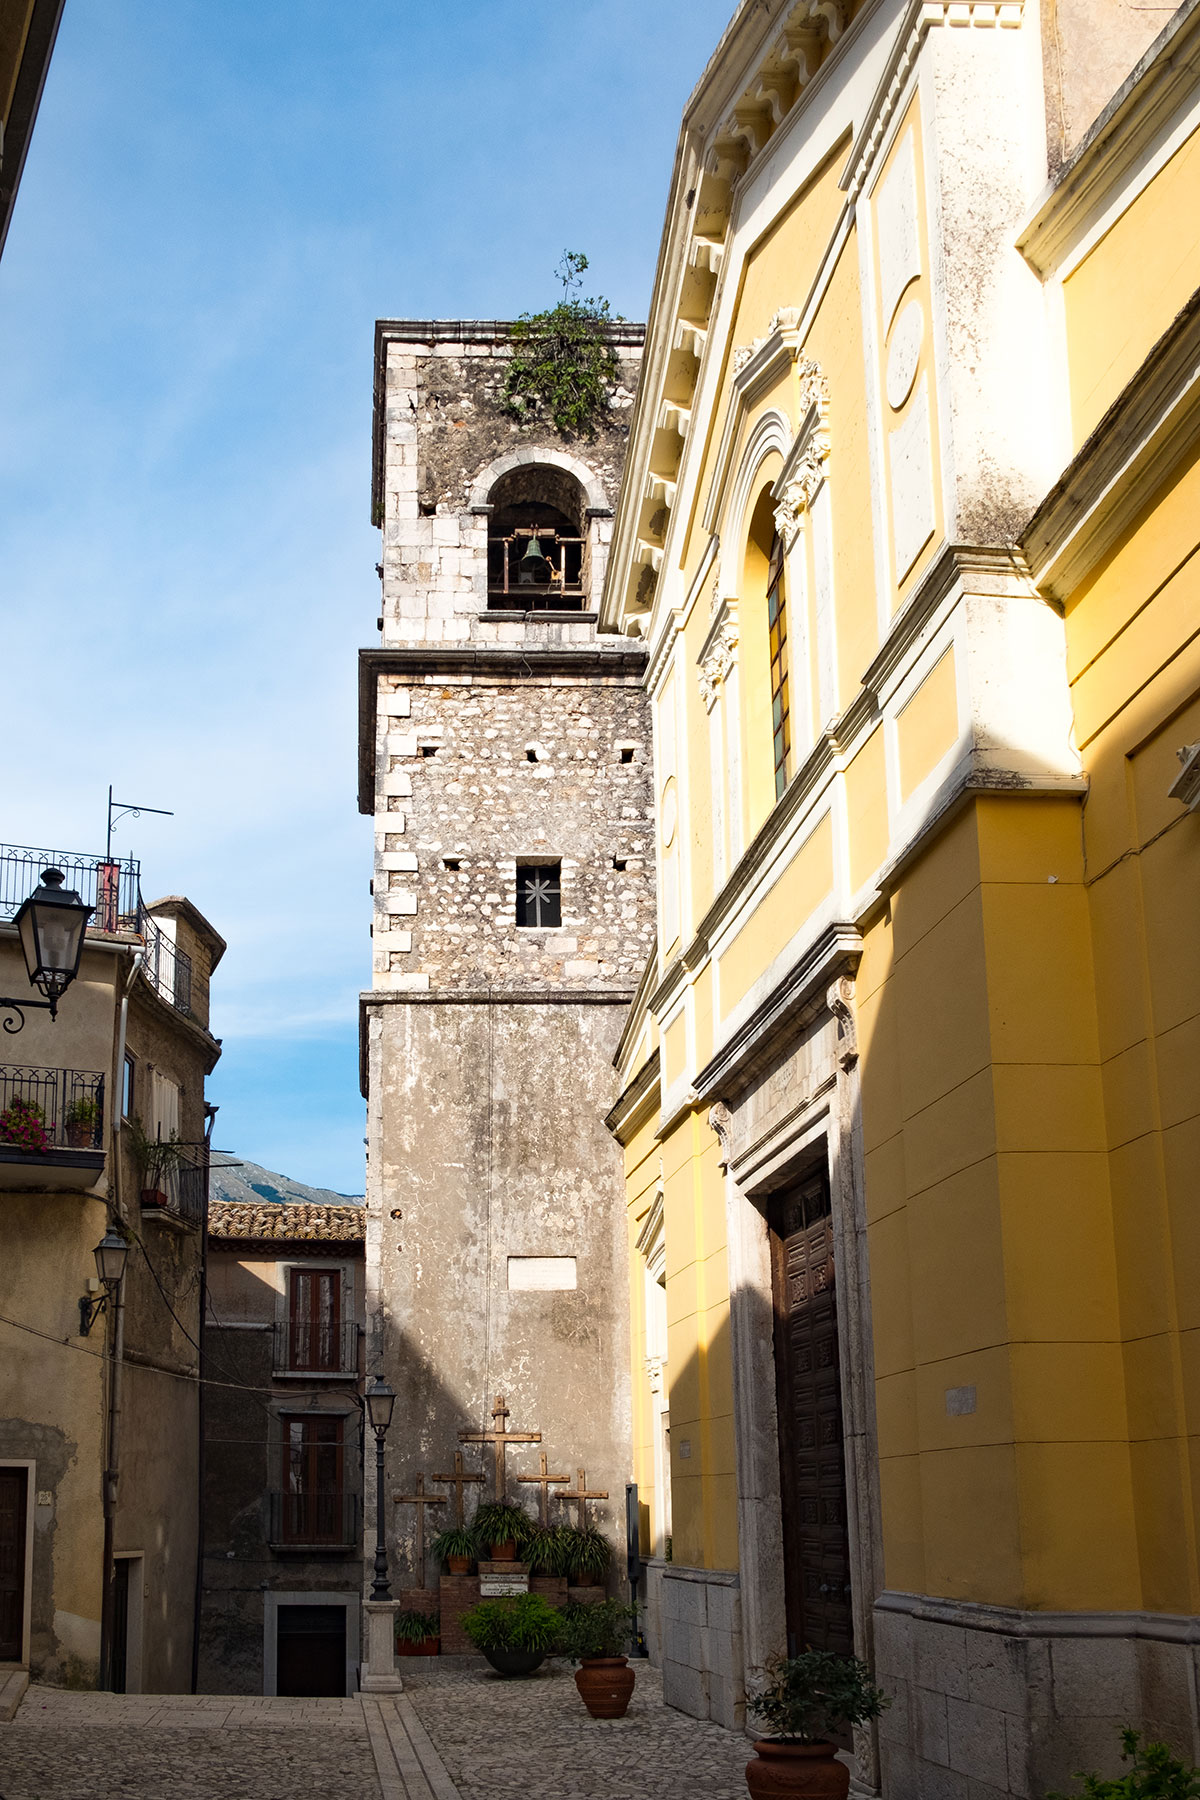 Chiesa San Giovanni Battista di Cusano Mutri